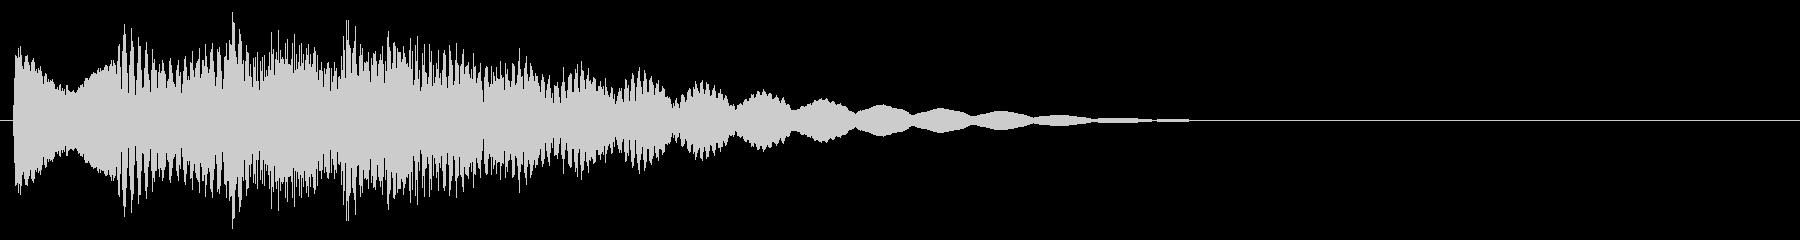 マレット系 決定音15(大)の未再生の波形